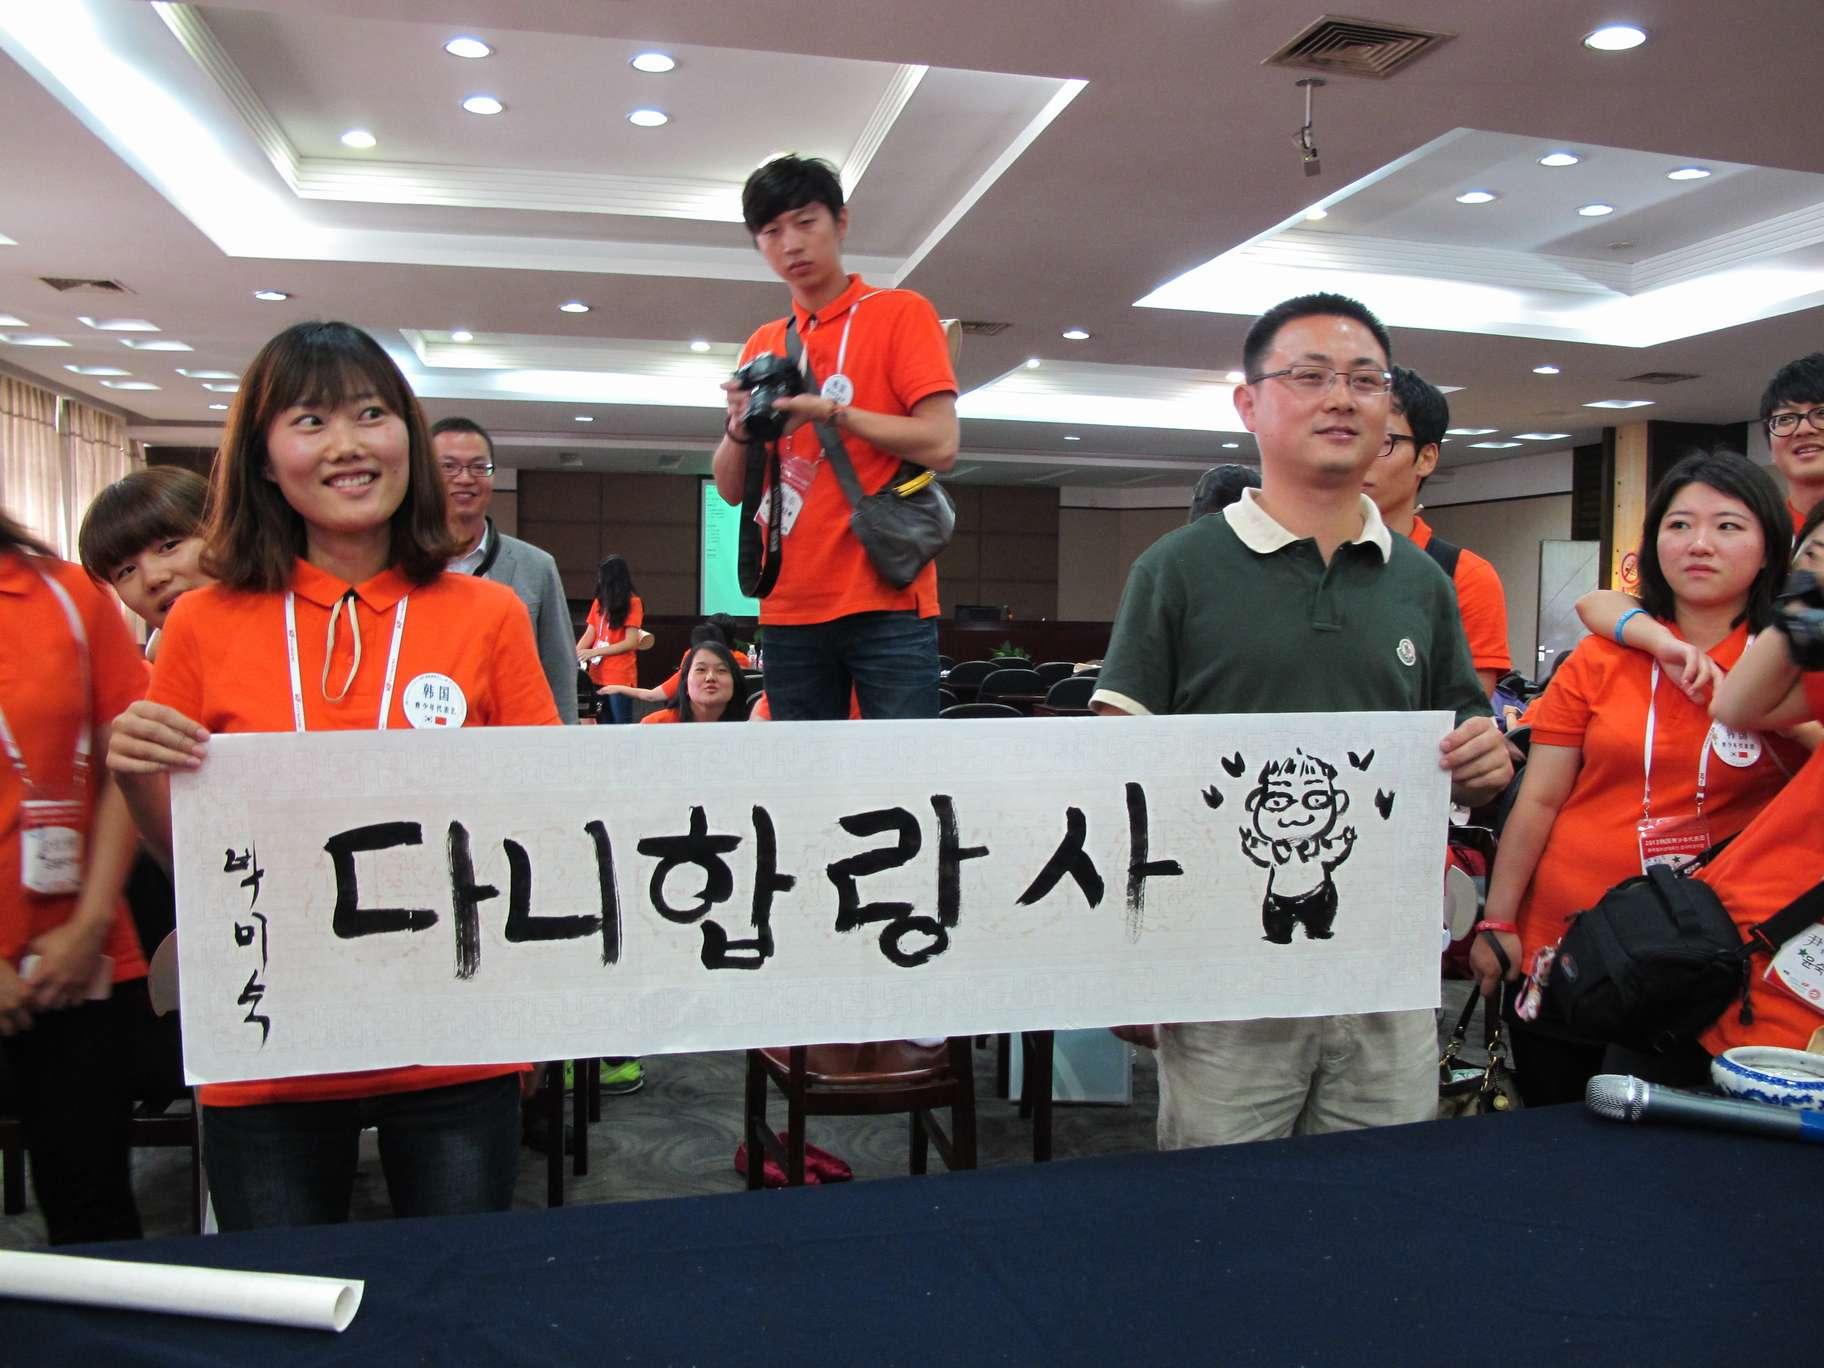 韩青年访问中国大学 交流书法体验中国文化